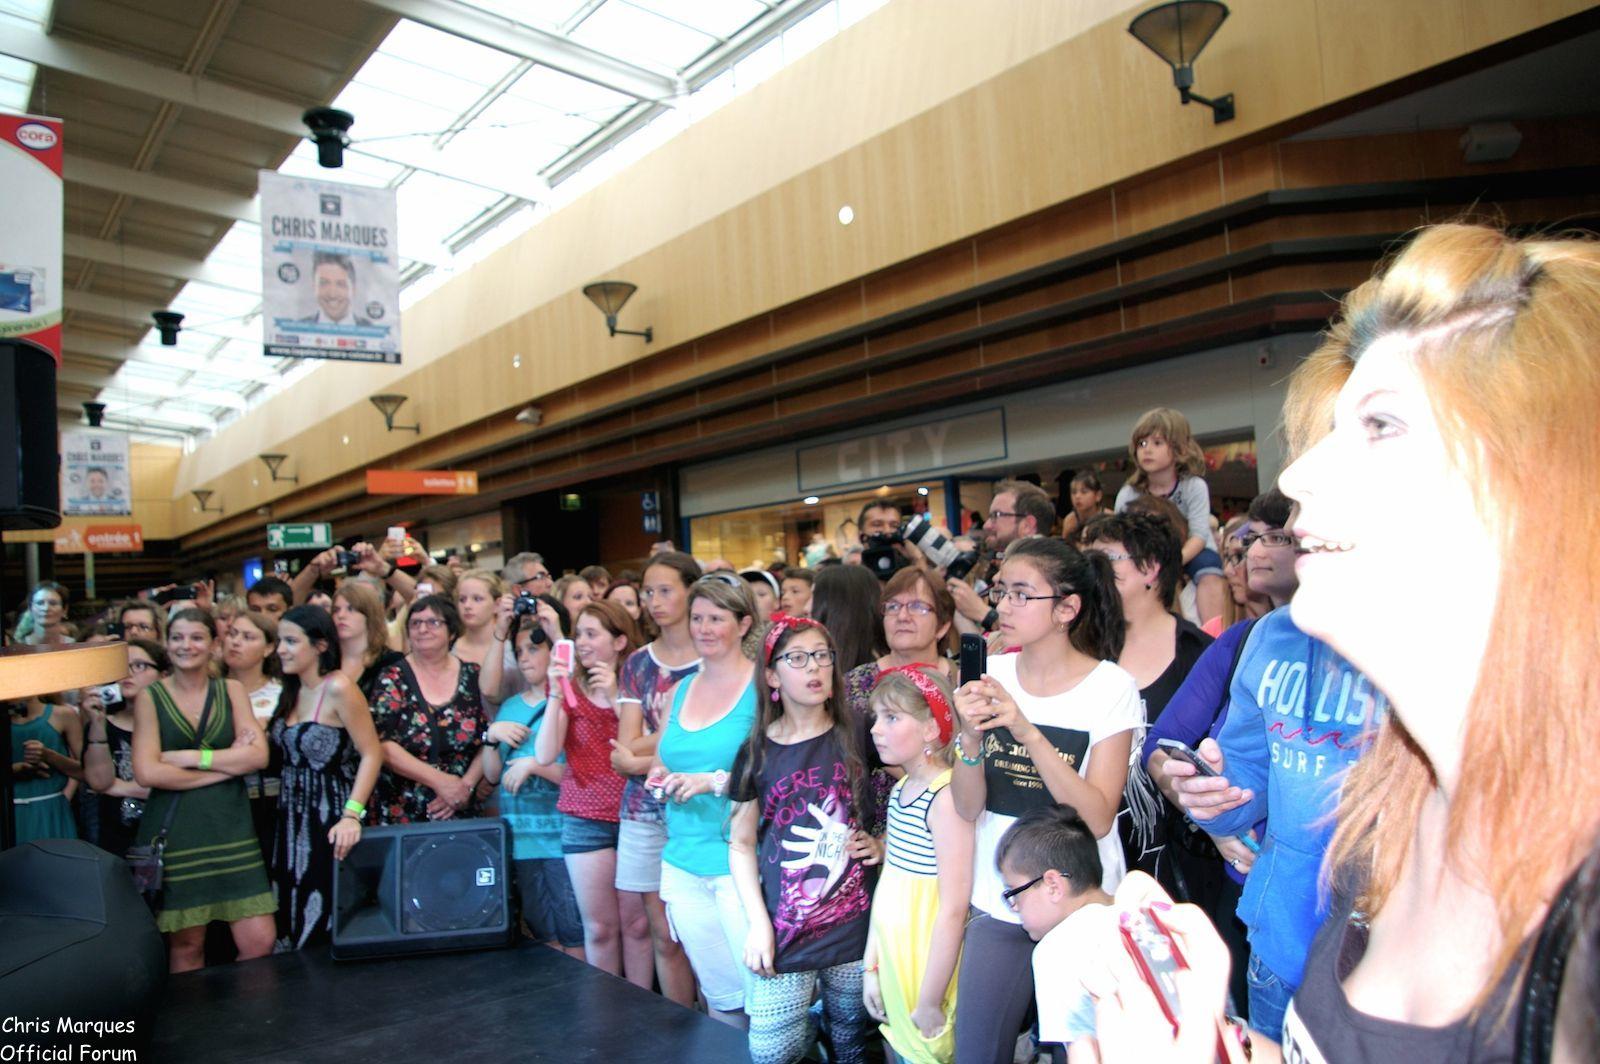 [14.06.2014] Evénement à #Colmar Chris Marques et Jaclyn Spencer pour un Flashmob/Cours de Danse/Dédicaces exceptionnels le tout organisé par la MJC de Colmar 4711